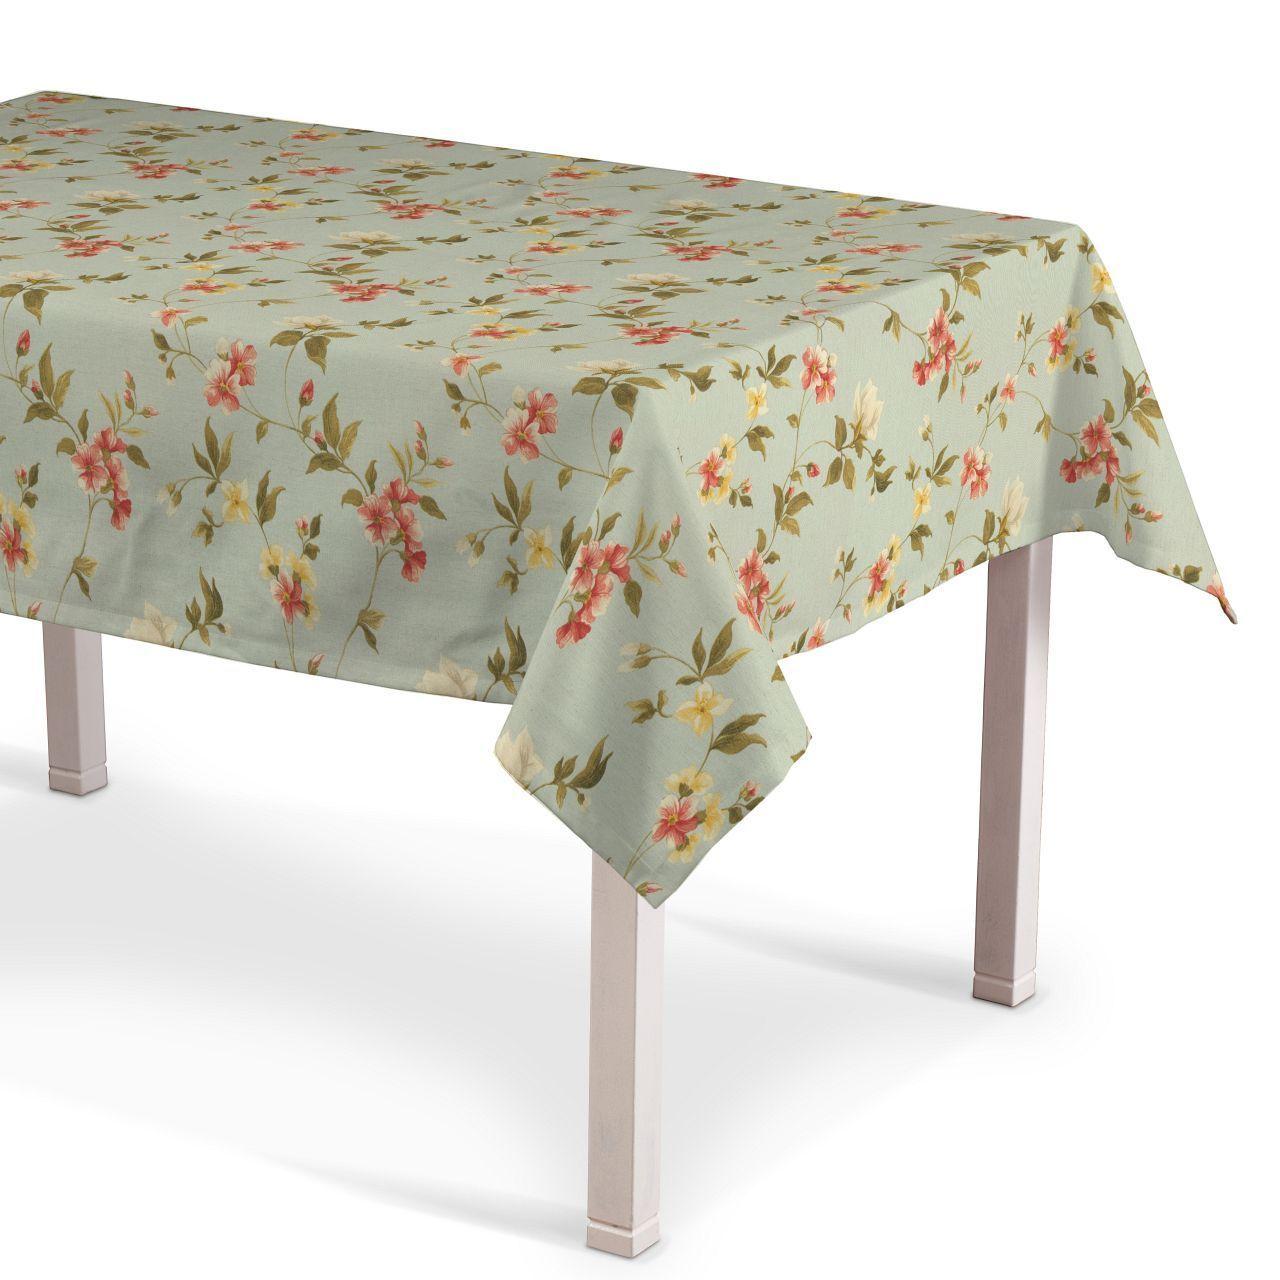 Tischdecke Rund Rot Duni Tischdeckenrolle 40 M Creme Runde Duni Tischdecken 240 Cm Sander Tischdecke Tisc